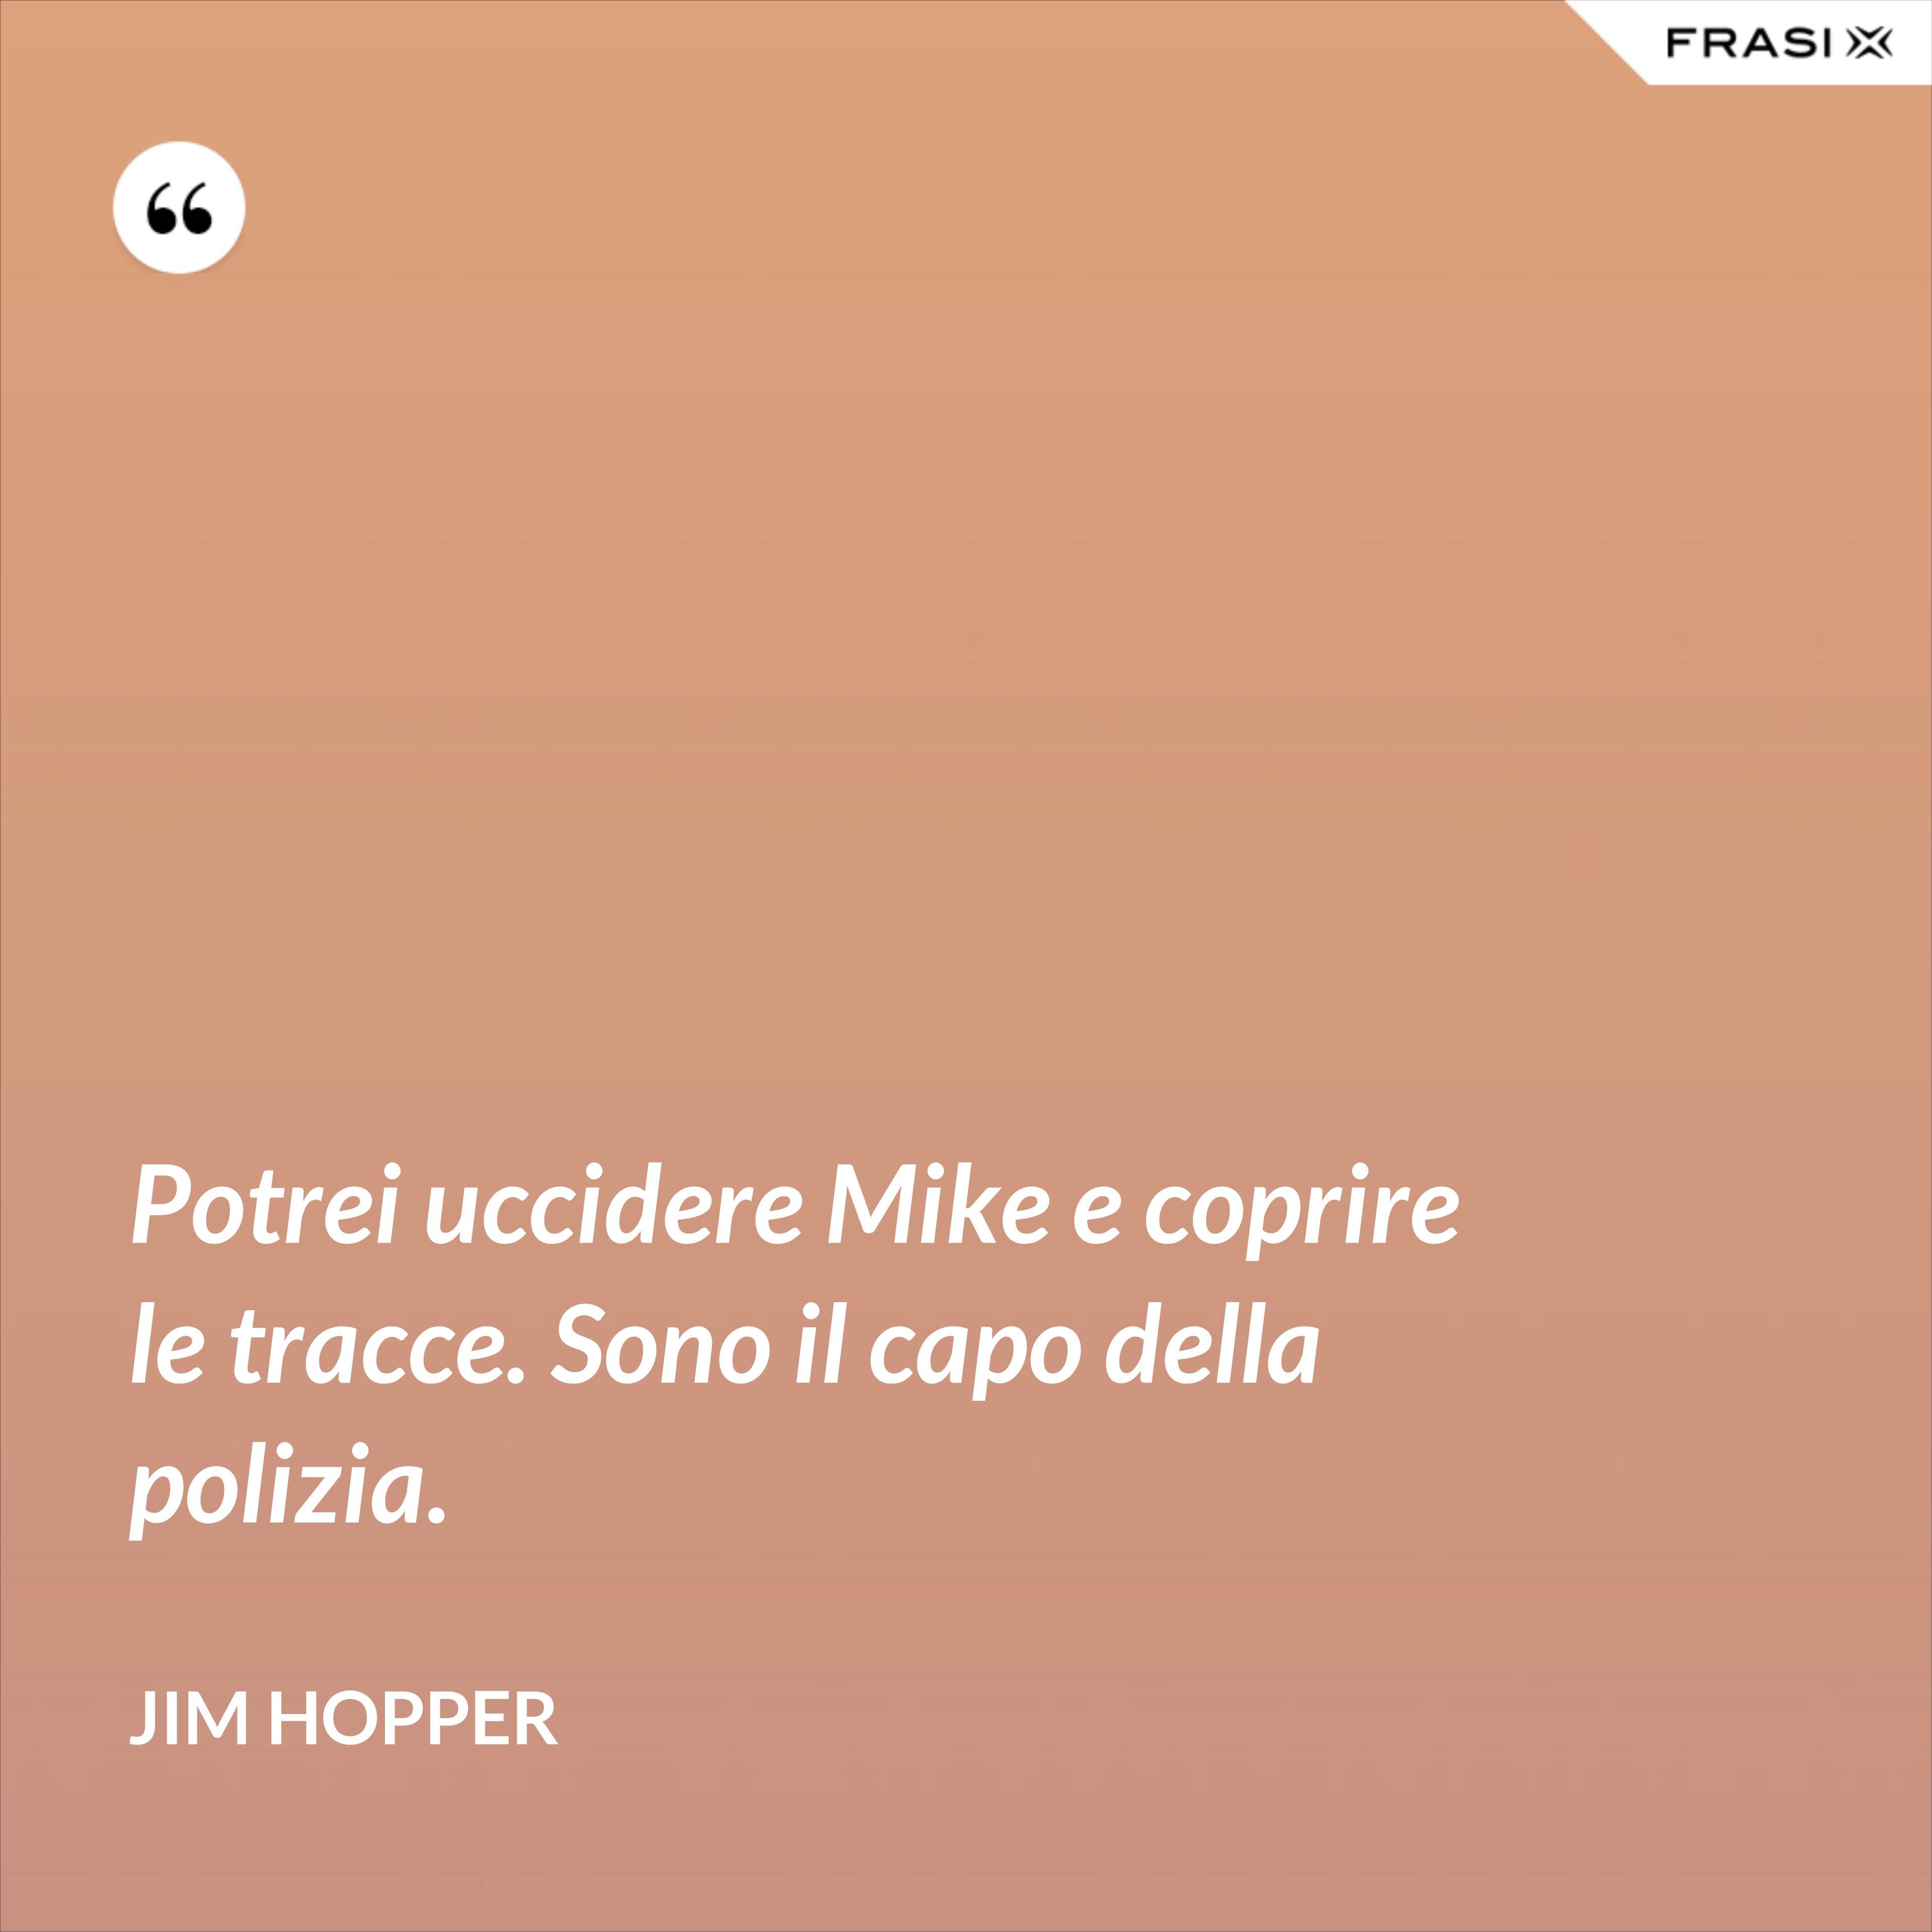 Potrei uccidere Mike e coprire le tracce. Sono il capo della polizia. - Jim Hopper